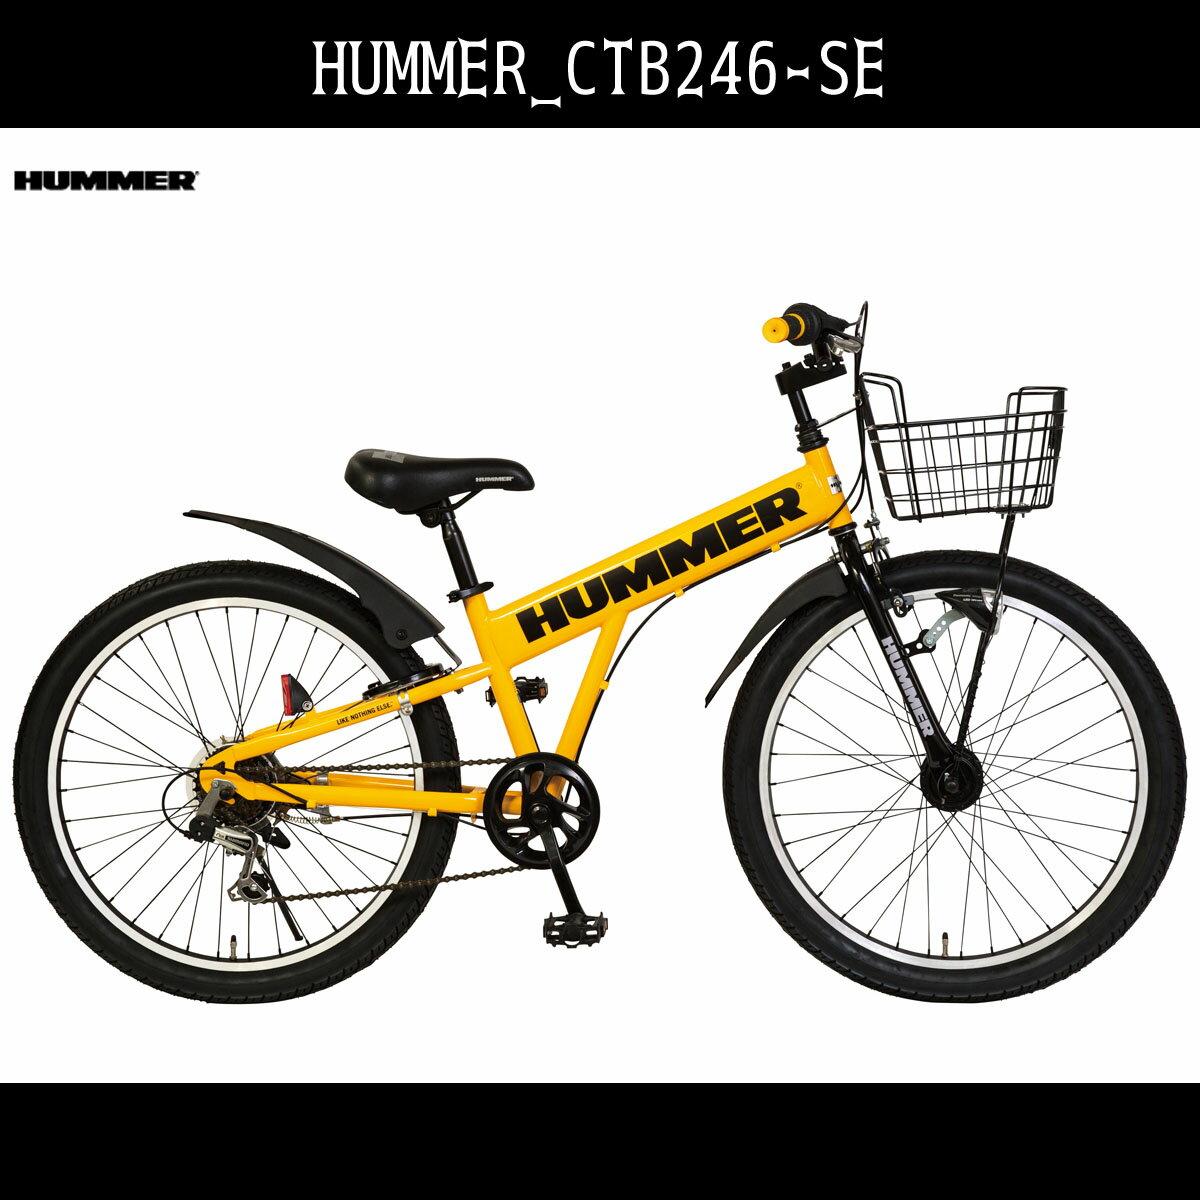 CTB246-SE HUMMER マウンテンバイク 自転車 鍵付ハマー かご付 泥除け LEDオートライト 外装6段変速ギア 黄色24インチ ハマー(HUMMER)イエロー 自転車 マウンテンバイク ハマー 子供用 送料無料 クリスマス